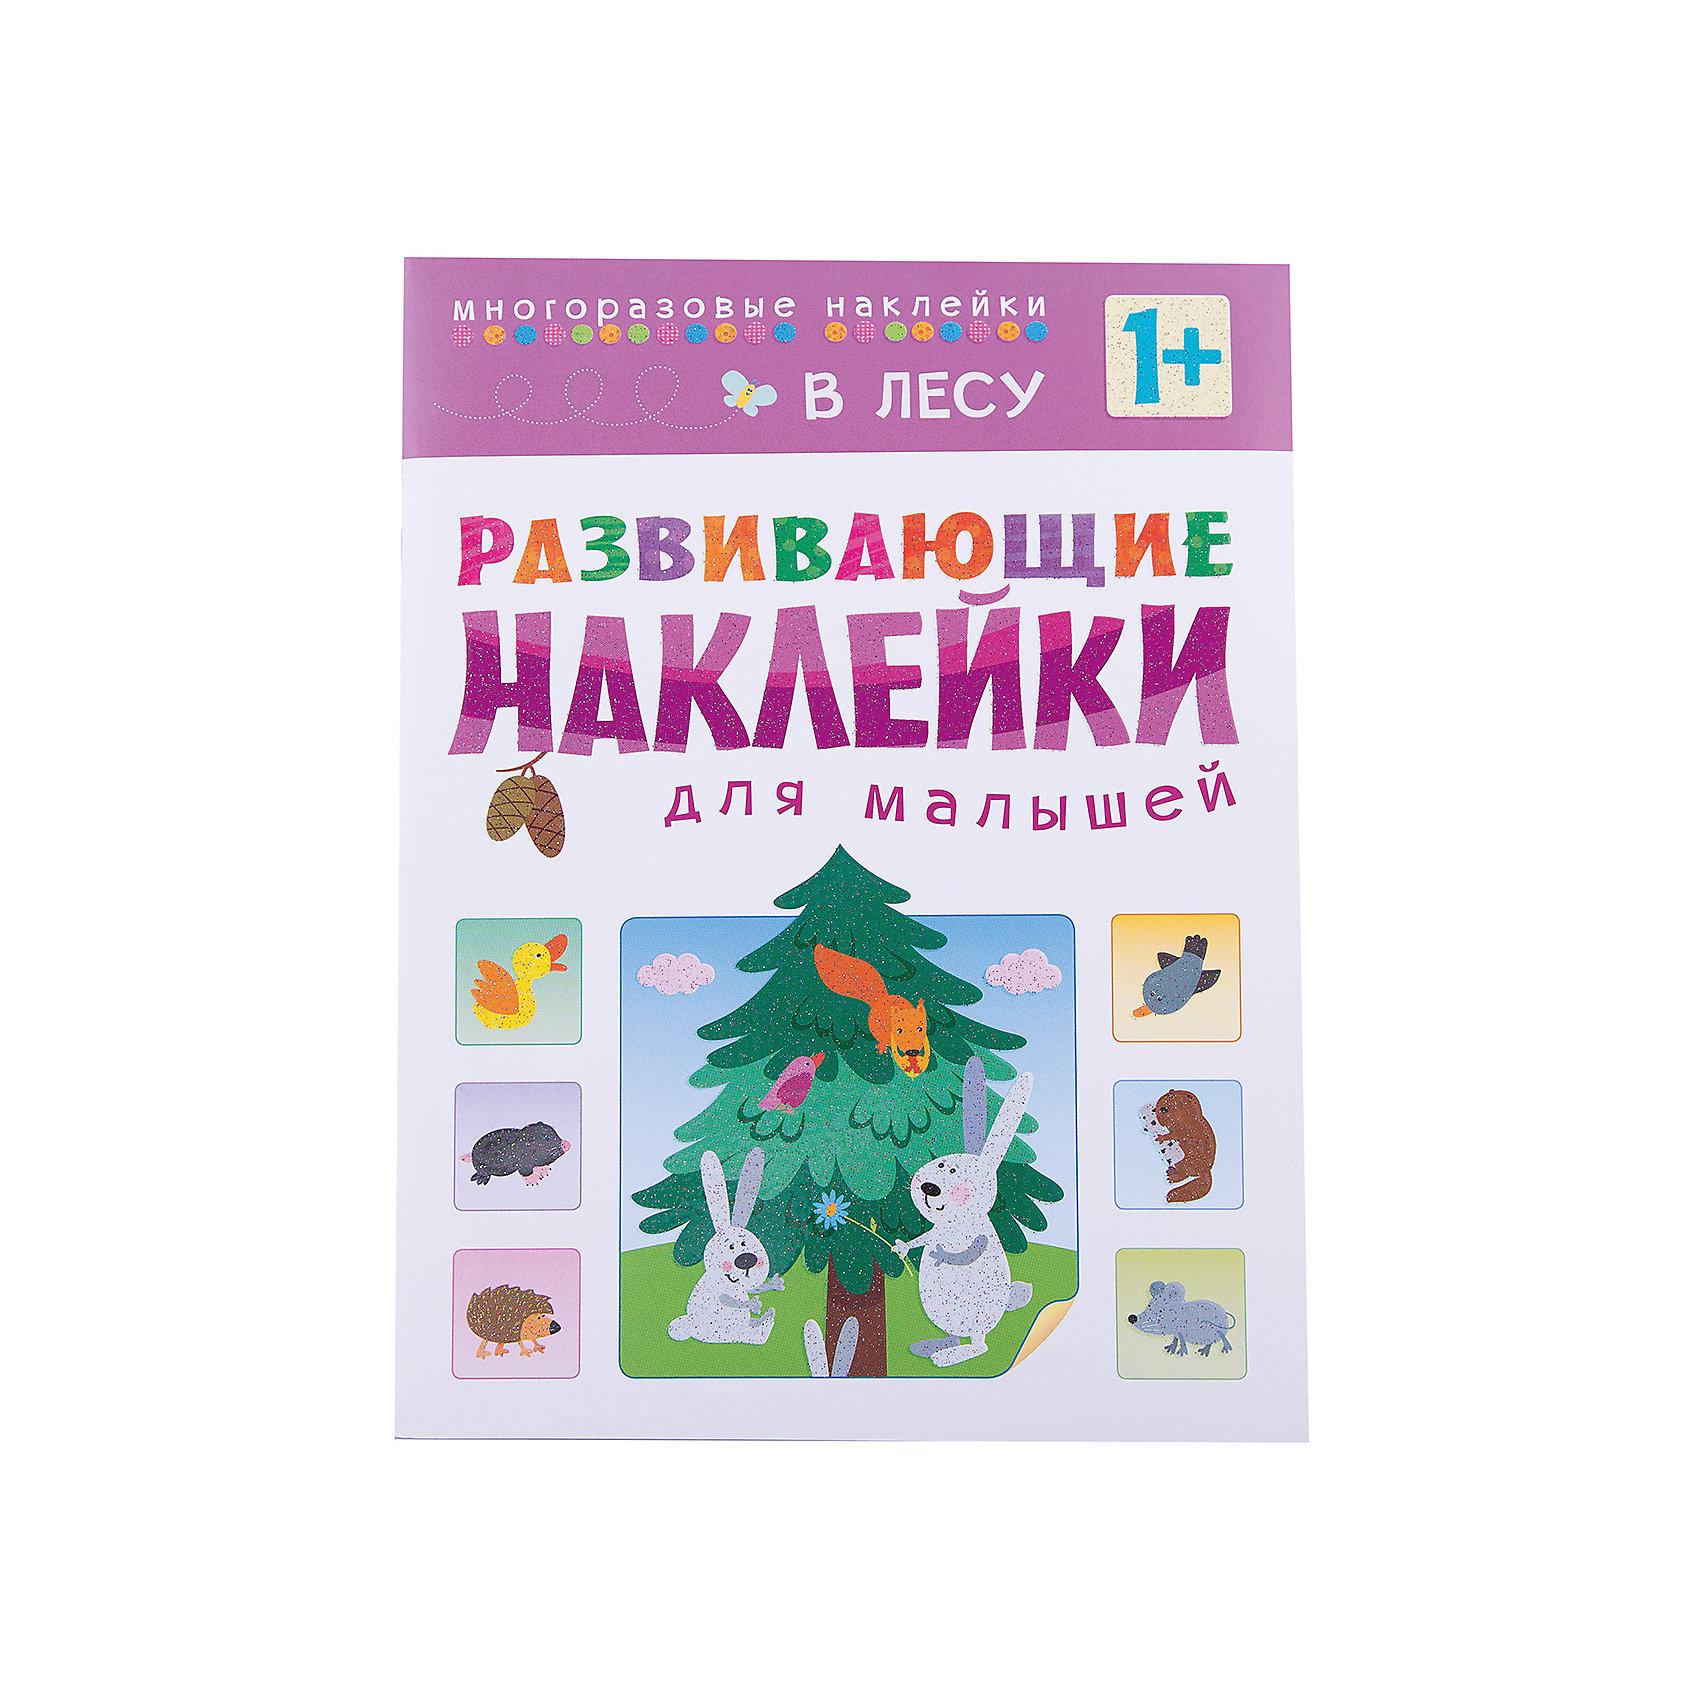 Книга Развивающие наклейки для малышей. В лесуКнига Развивающие наклейки для малышей. В лесу - это увлекательная игровая книжка для малышей.<br>Книга Развивающие наклейки для малышей. В лесу предназначена для самых маленьких читателей. Уже в 1 год ребенок способен выполнять задания, приклеивая наклейки в нужное место. Это занятие не только приносит малышу удовольствие и радость, но и способствует развитию речи, интеллекта, мелкой моторики, координации движений, умения находить и принимать решения; расширяет представления об окружающем мире. На ярких страницах этой книги малыш встретит лисят, медвежонка, зайчат, крота, ёжика и других обитателей леса, побывает на лесной полянке и на пруду, узнает, кто живет на высоком дереве. Наклейки в книге многоразовые, так что ребенок может, смело экспериментировать, не боясь ошибиться. Доступные задания, красочные иллюстрации, плотные странички созданы специально для самых маленьких детей!<br><br>Дополнительная информация:<br><br>- Иллюстратор: Василевская Анна<br>- Издательство: Мозаика-Синтез, 2014 г.<br>- Серия: Развивающие наклейки для малышей<br>- Тип обложки: мягкий переплет (крепление скрепкой или клеем)<br>- Оформление: с наклейками, глитер (блестки)<br>- Иллюстрации: цветные<br>- Количество страниц: 6 (мелованная)<br>- Размер: 255x195x1 мм.<br>- Вес: 60 гр.<br><br>Книгу Развивающие наклейки для малышей. В лесу можно купить в нашем интернет-магазине.<br><br>Ширина мм: 255<br>Глубина мм: 196<br>Высота мм: 10<br>Вес г: 65<br>Возраст от месяцев: 12<br>Возраст до месяцев: 48<br>Пол: Унисекс<br>Возраст: Детский<br>SKU: 4431892